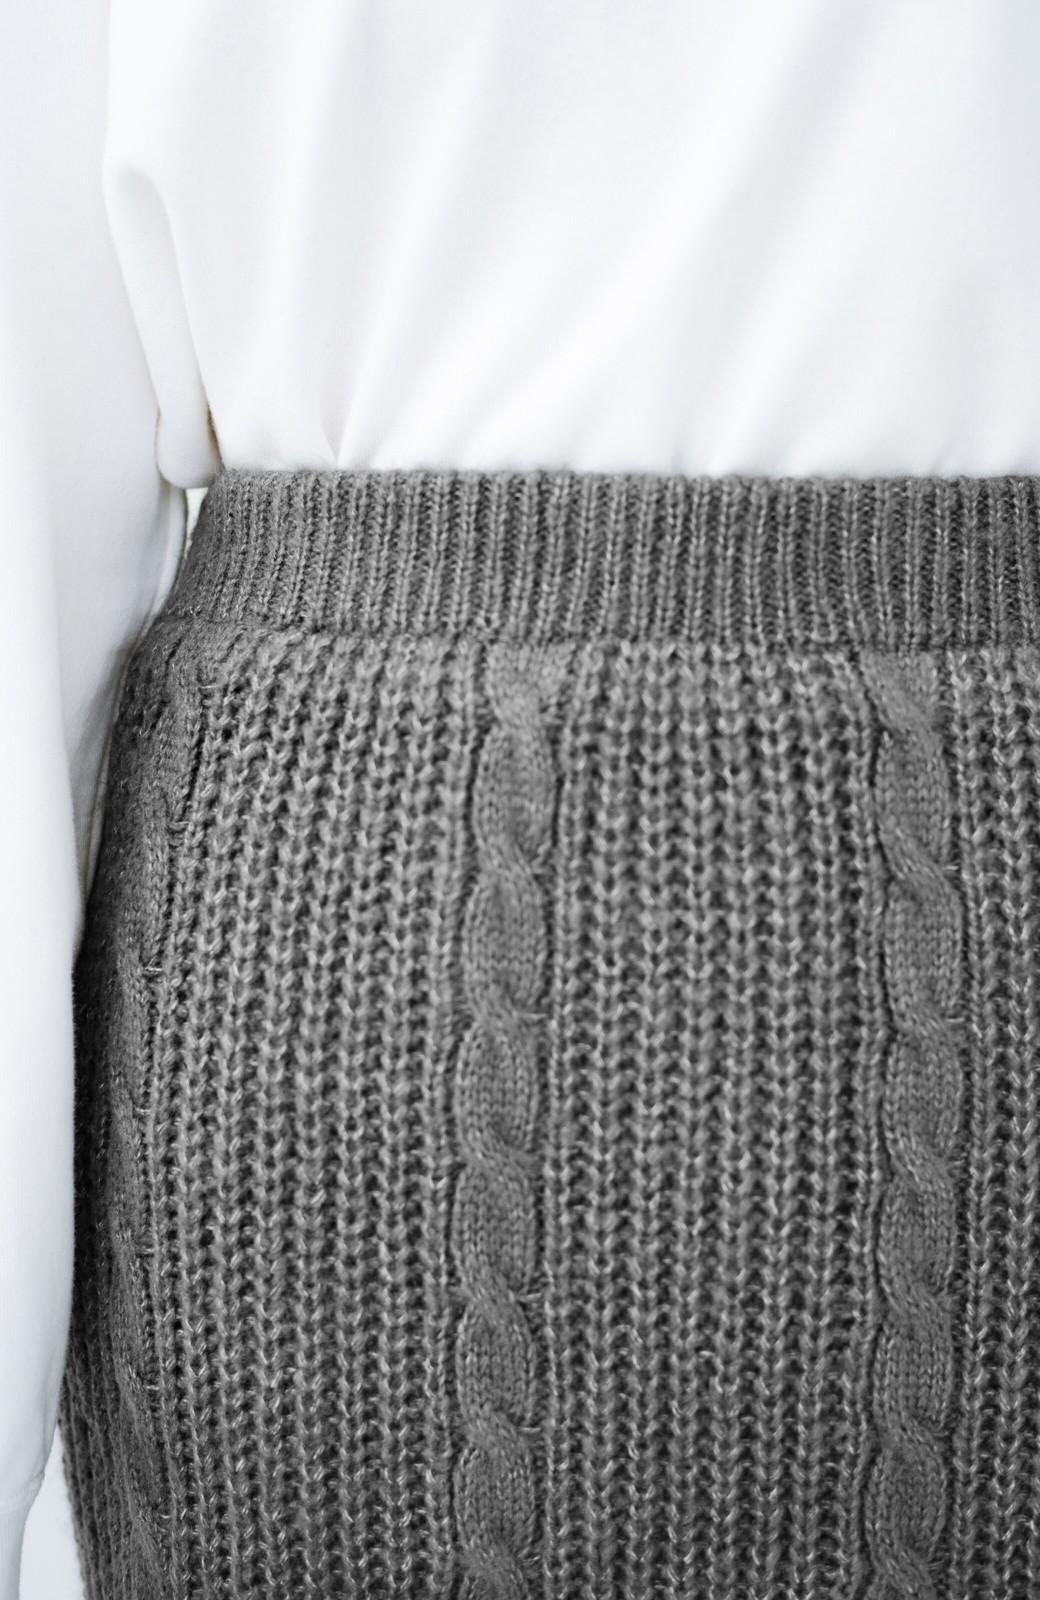 haco! しまった!寝坊した!ってときにも安心なケーブル編みがかわいいニットアップ <グレー>の商品写真7